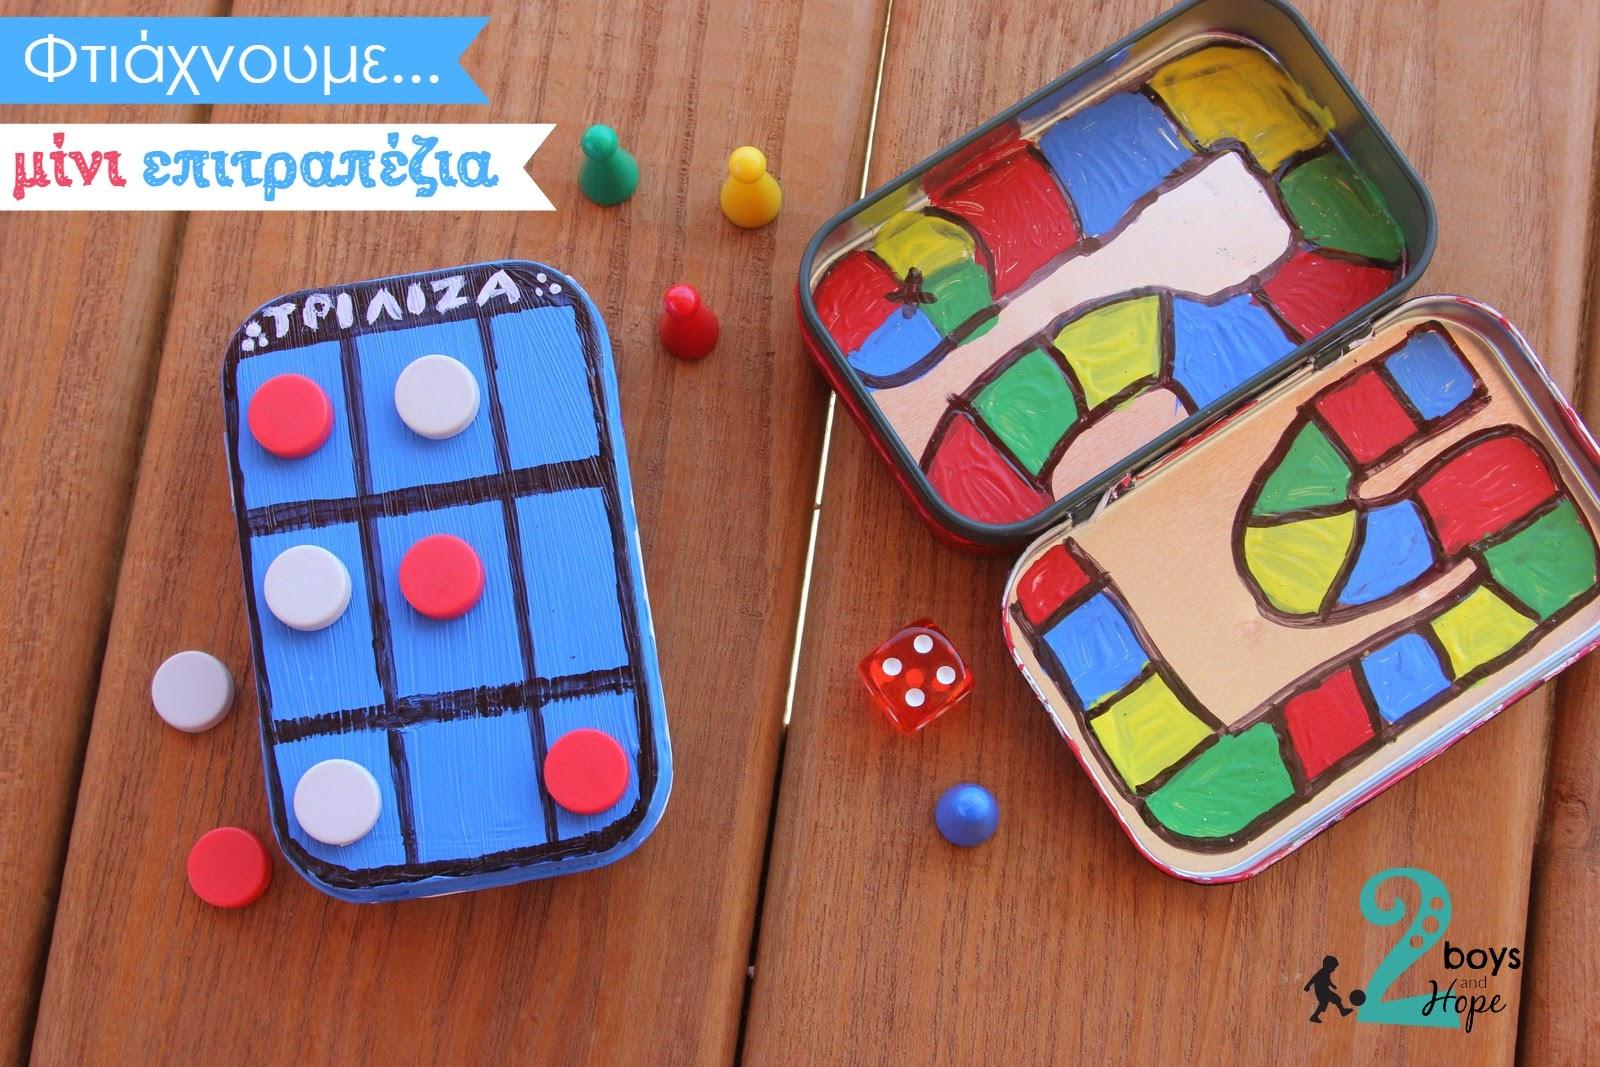 Φτιάχνουμε: μίνι επιτραπέζια παιχνίδια..